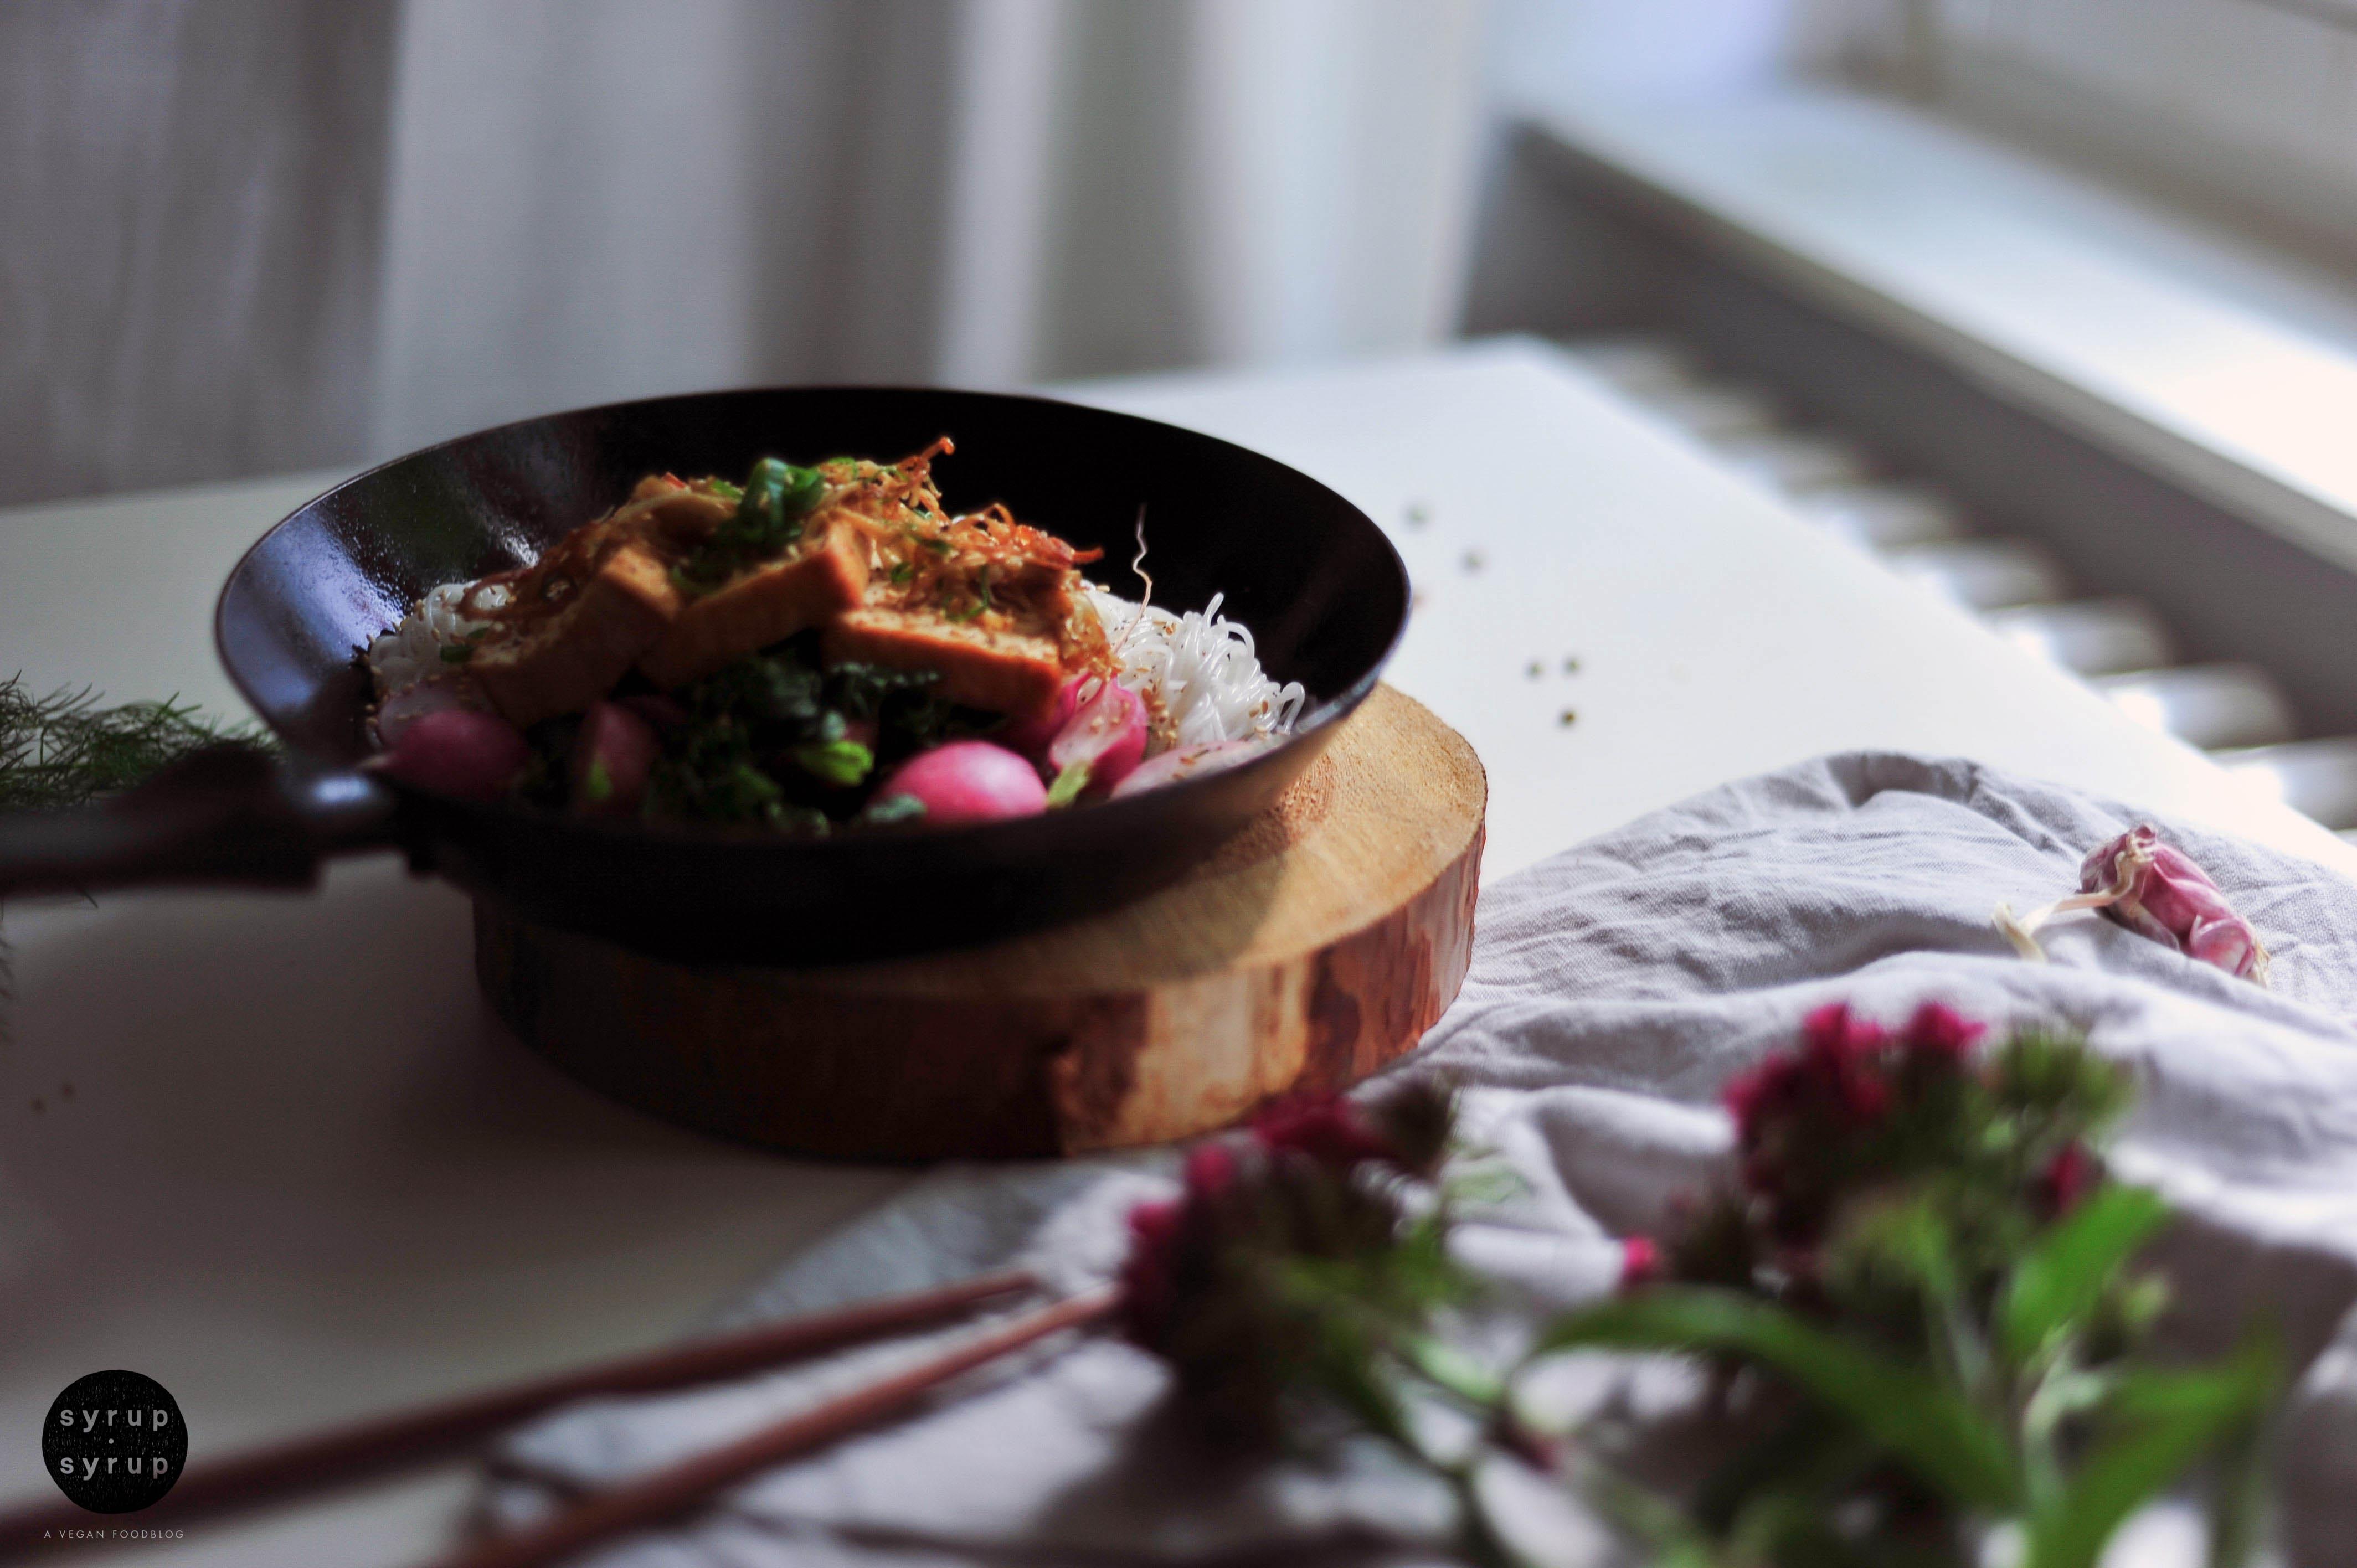 nudel tofu pfanne vegan 01 - Reisnudeln, Edokipilze, Tofu und geschmorte Radieschen